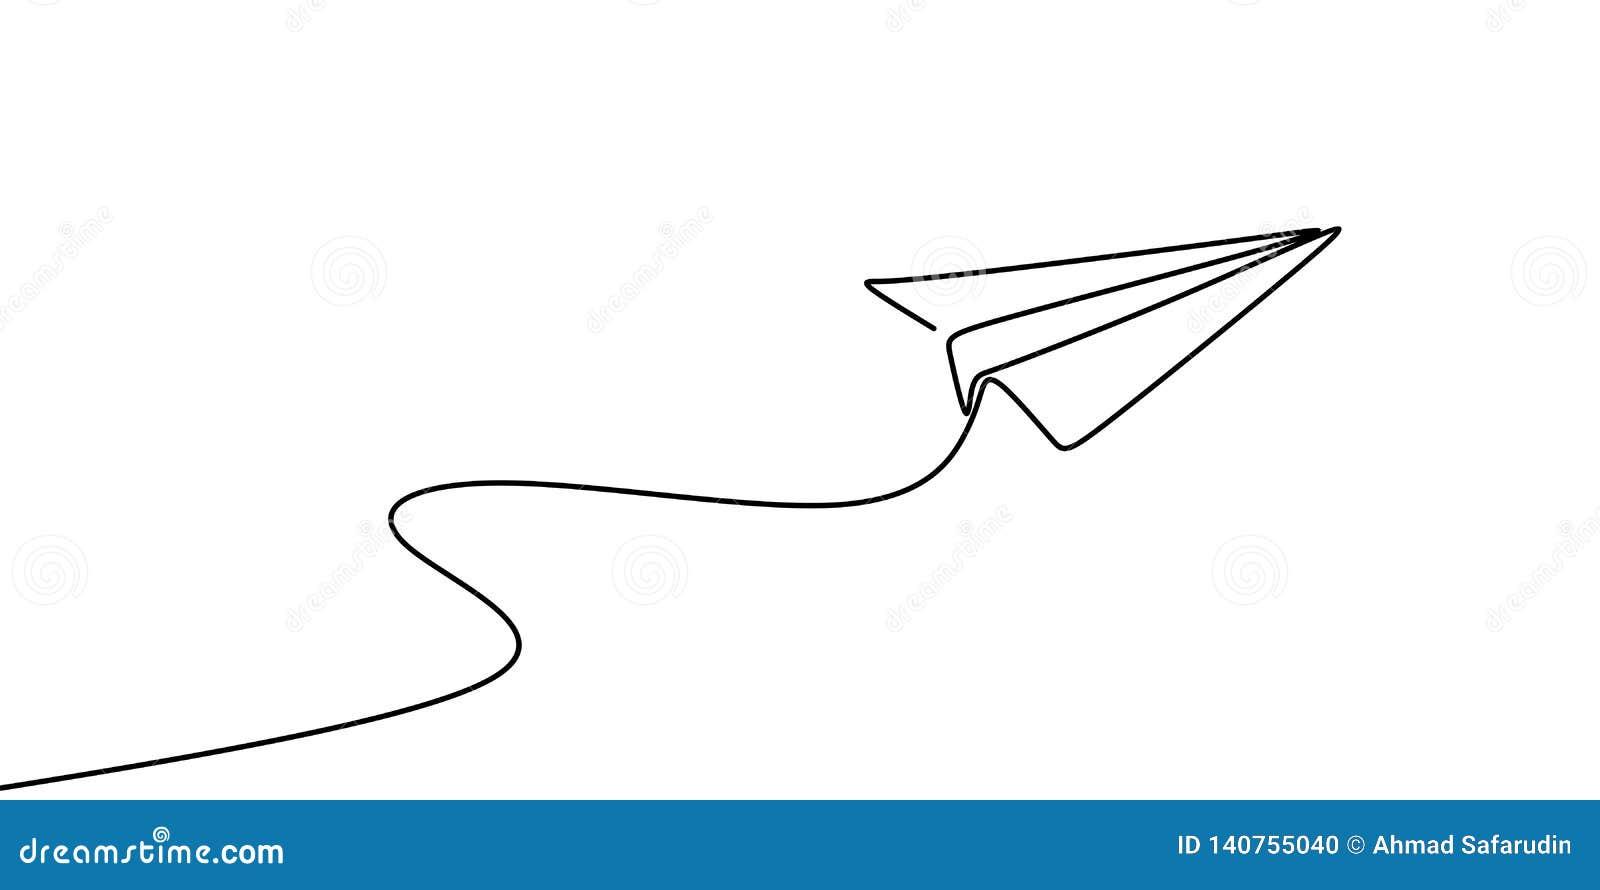 Dessin au trait continu de l illustration de papier de vecteur plat